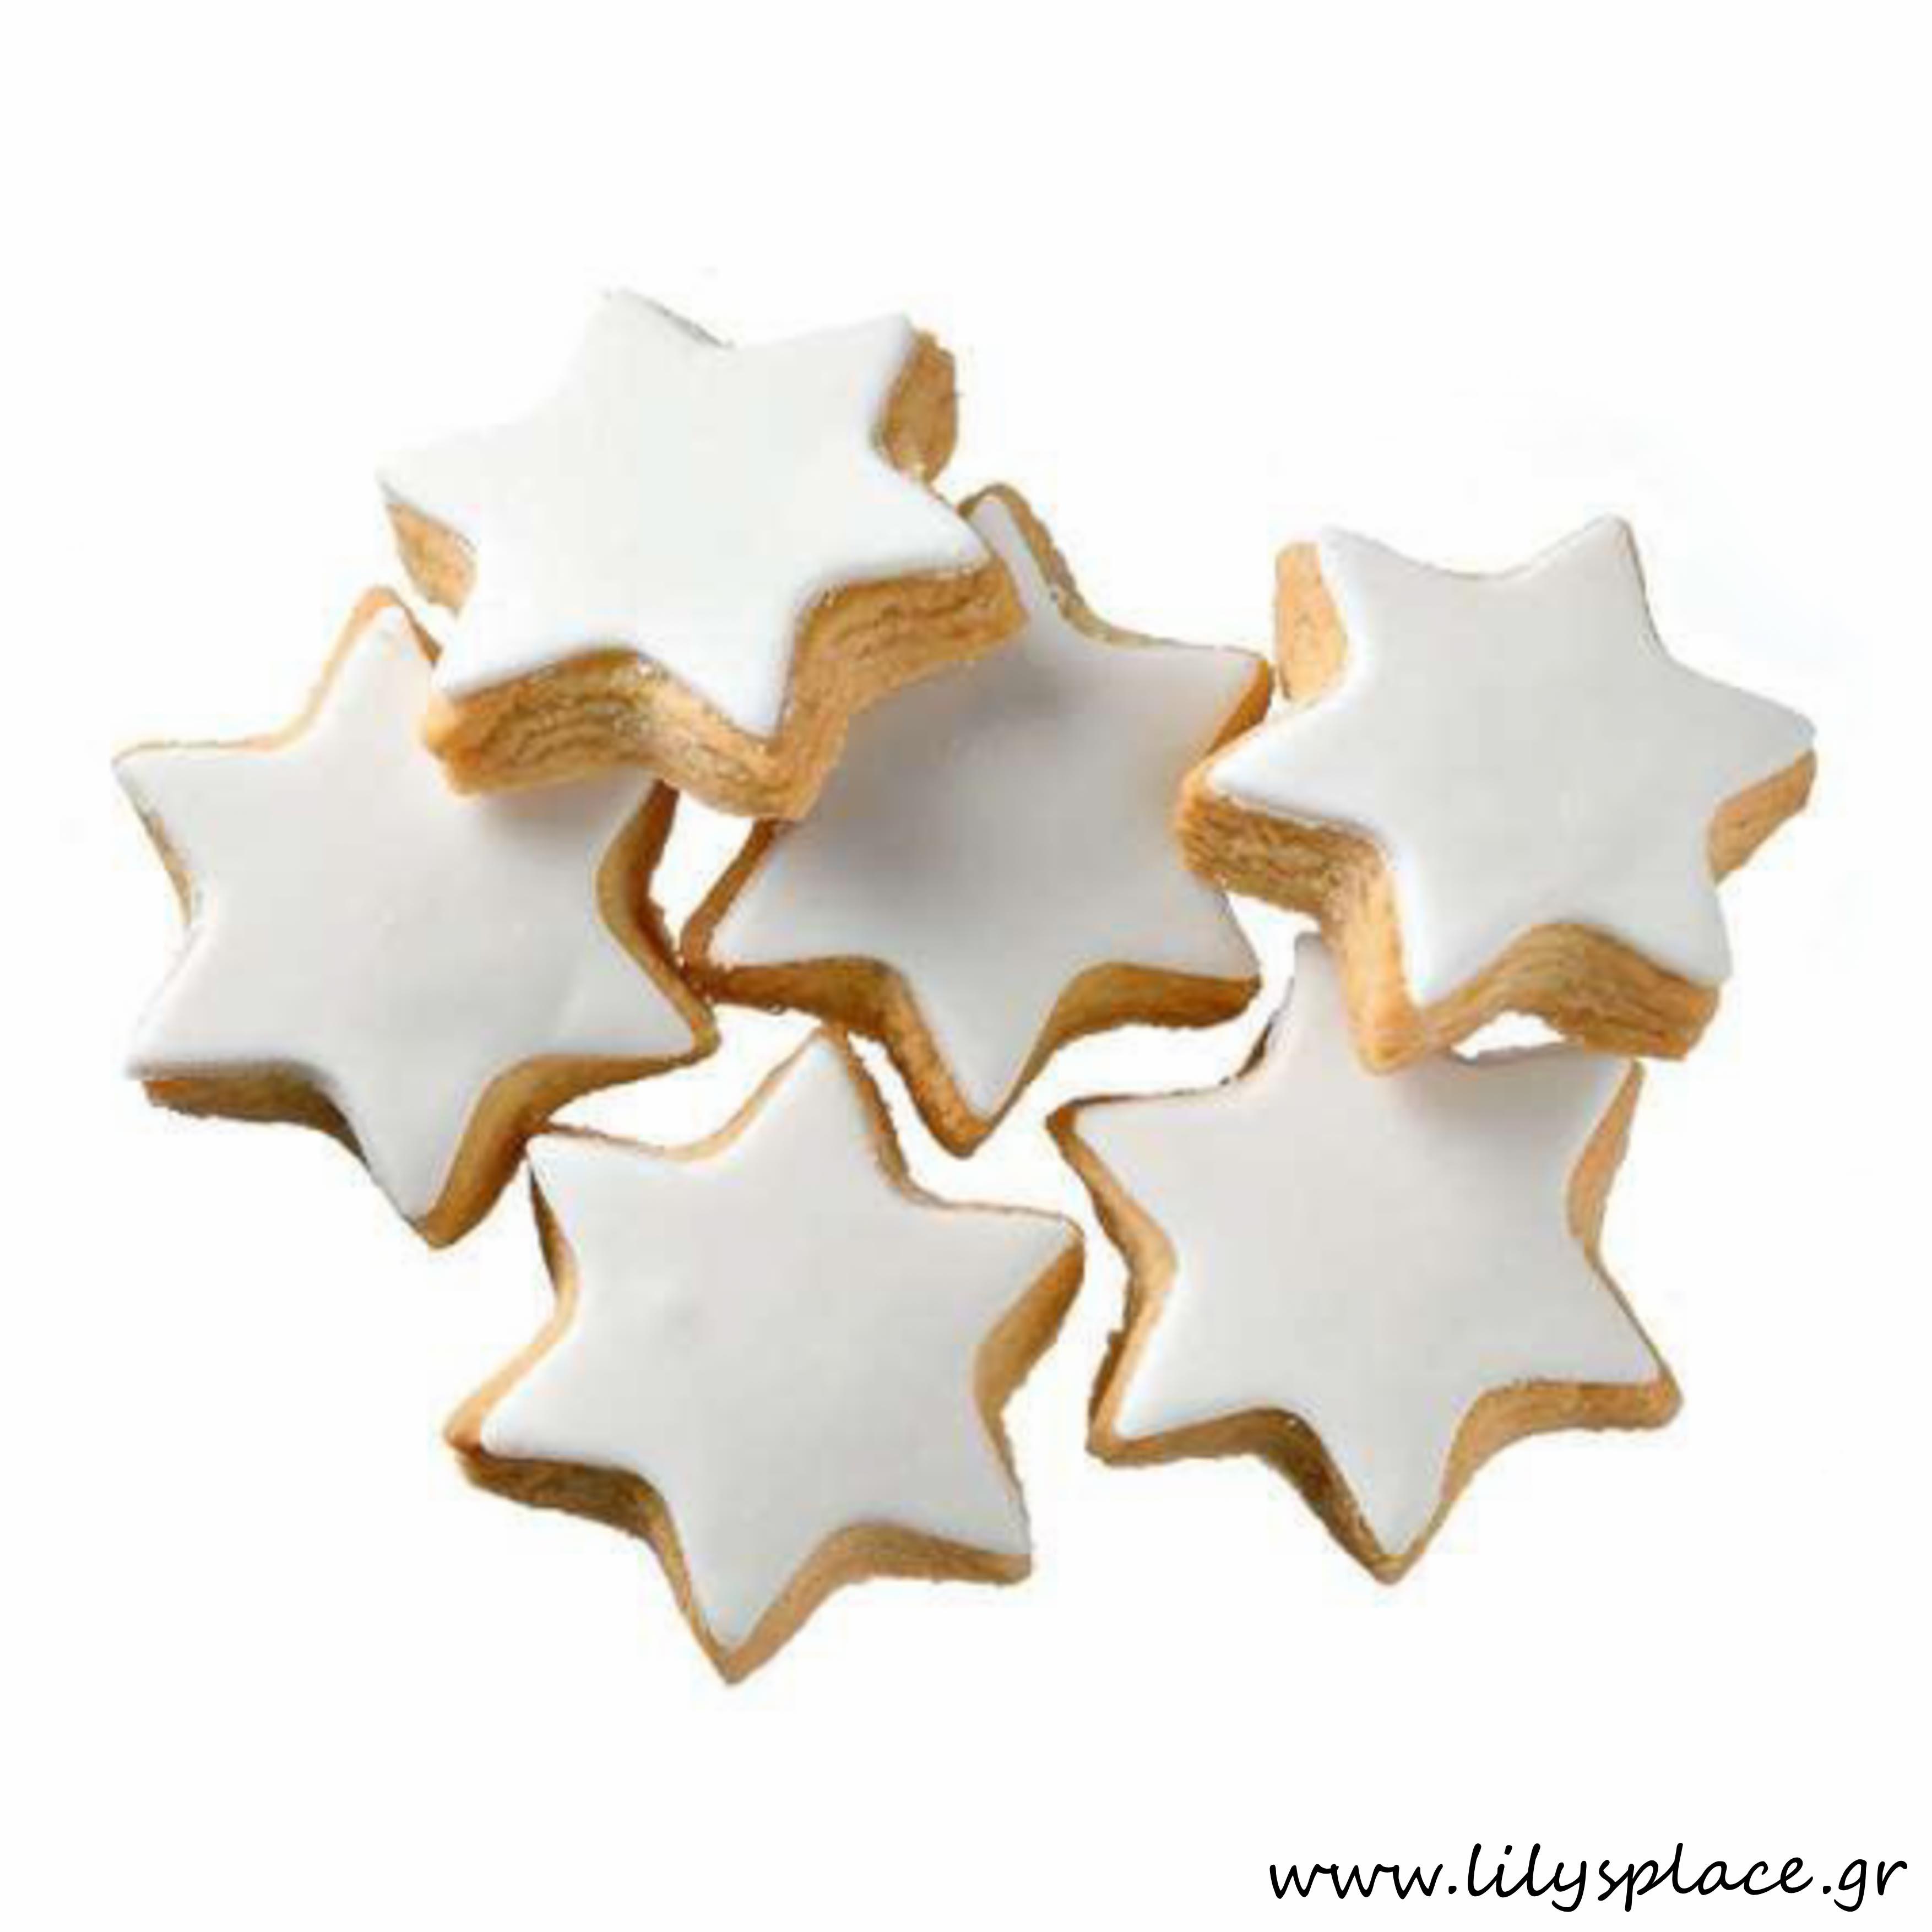 Μπισκότα βάπτισης μπουκίτσες κιλού αστέρια